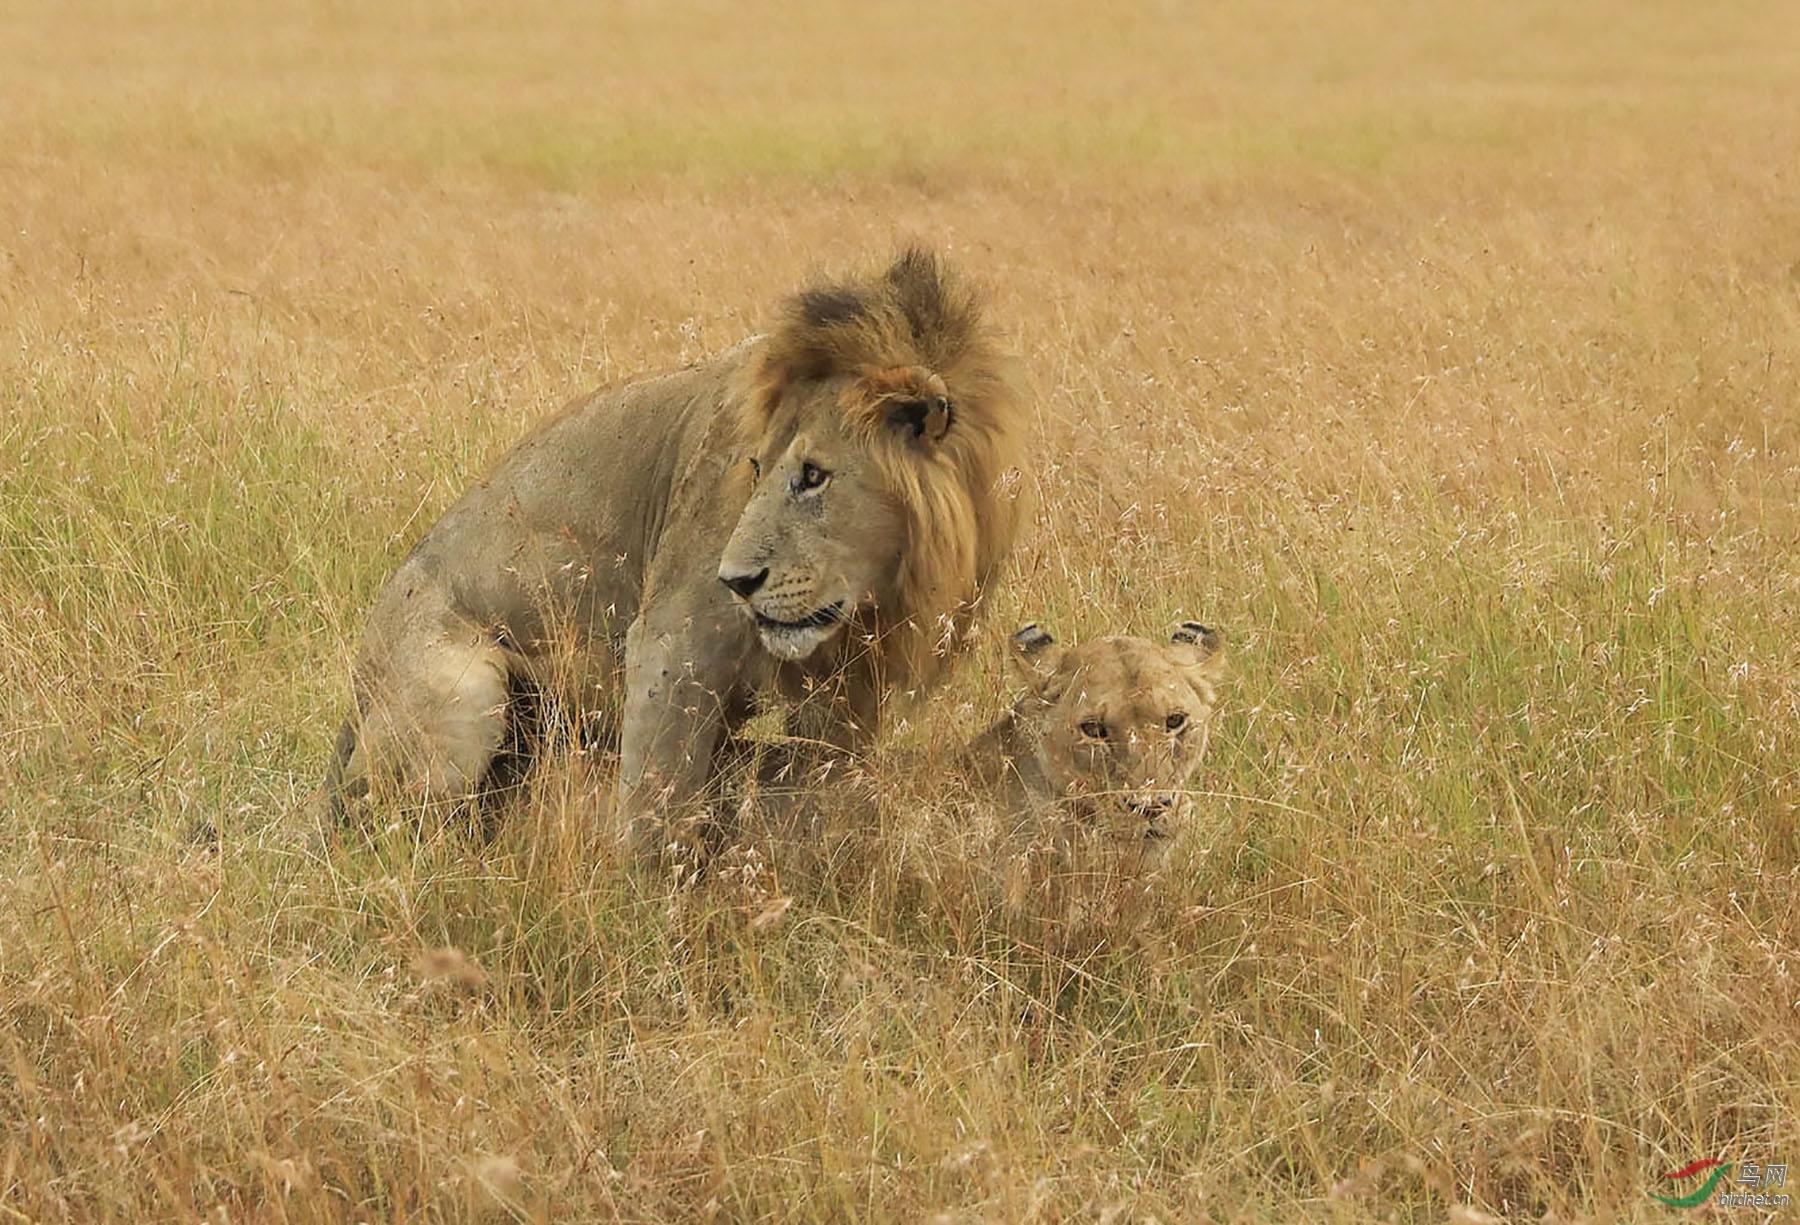 非洲狮【摄于肯尼亚】.jpg